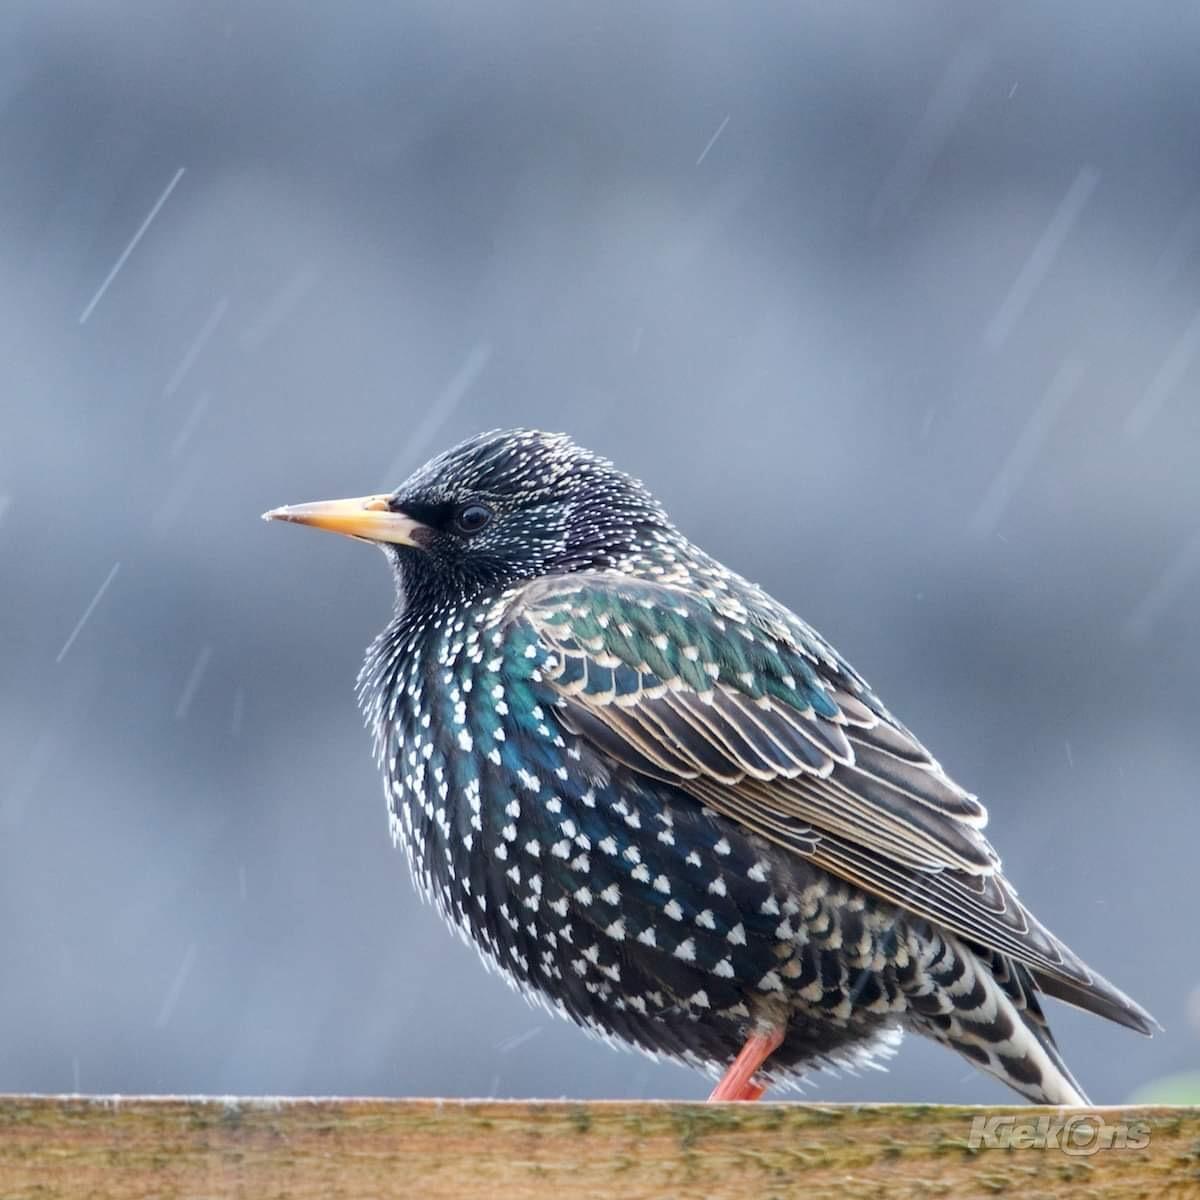 Winterse neerslag... - Spreeuw in een winterse bui - foto door vliegert op 13-04-2021 - deze foto bevat: vogel, dieren, regen, dof, lente, spreeuw, april, gulden snede, uitsnede, vogel, oog, europese spreeuw, bek, veer, spreeuw, lucht, vleugel, elektrisch blauw, zangvogel